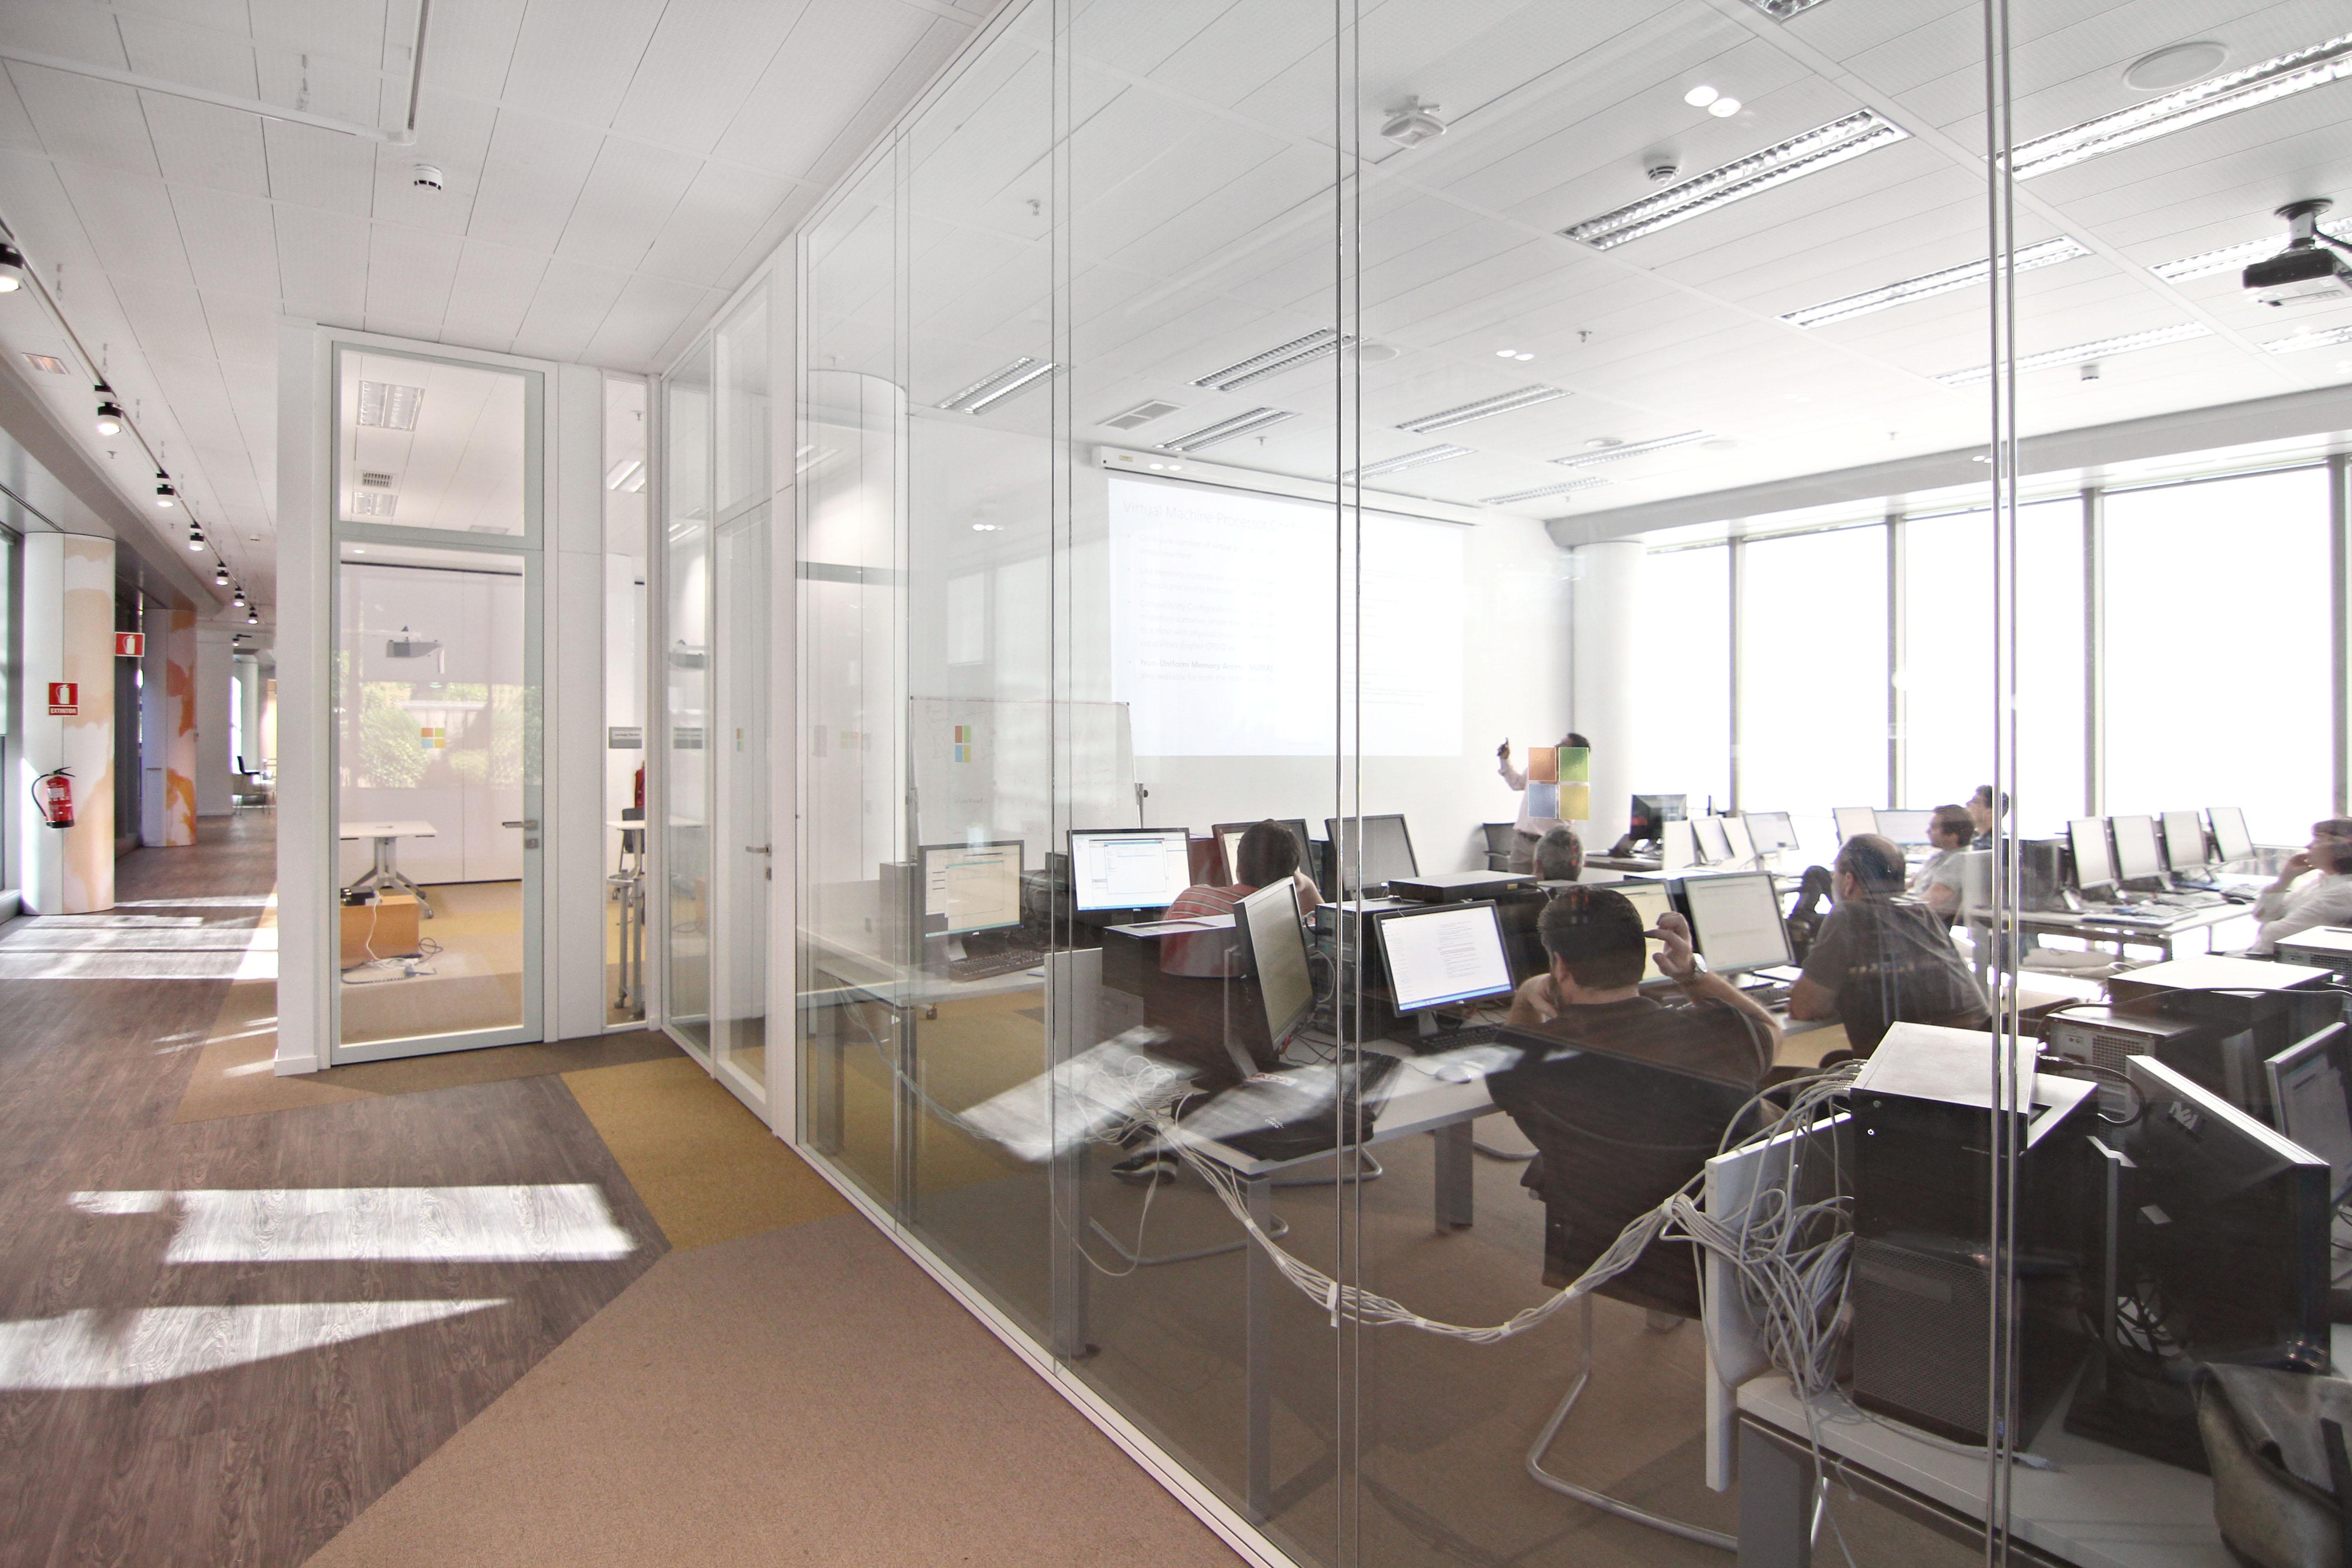 La sede de microsoft en madrid una oficina adaptada a los for Oficinas cajasur madrid